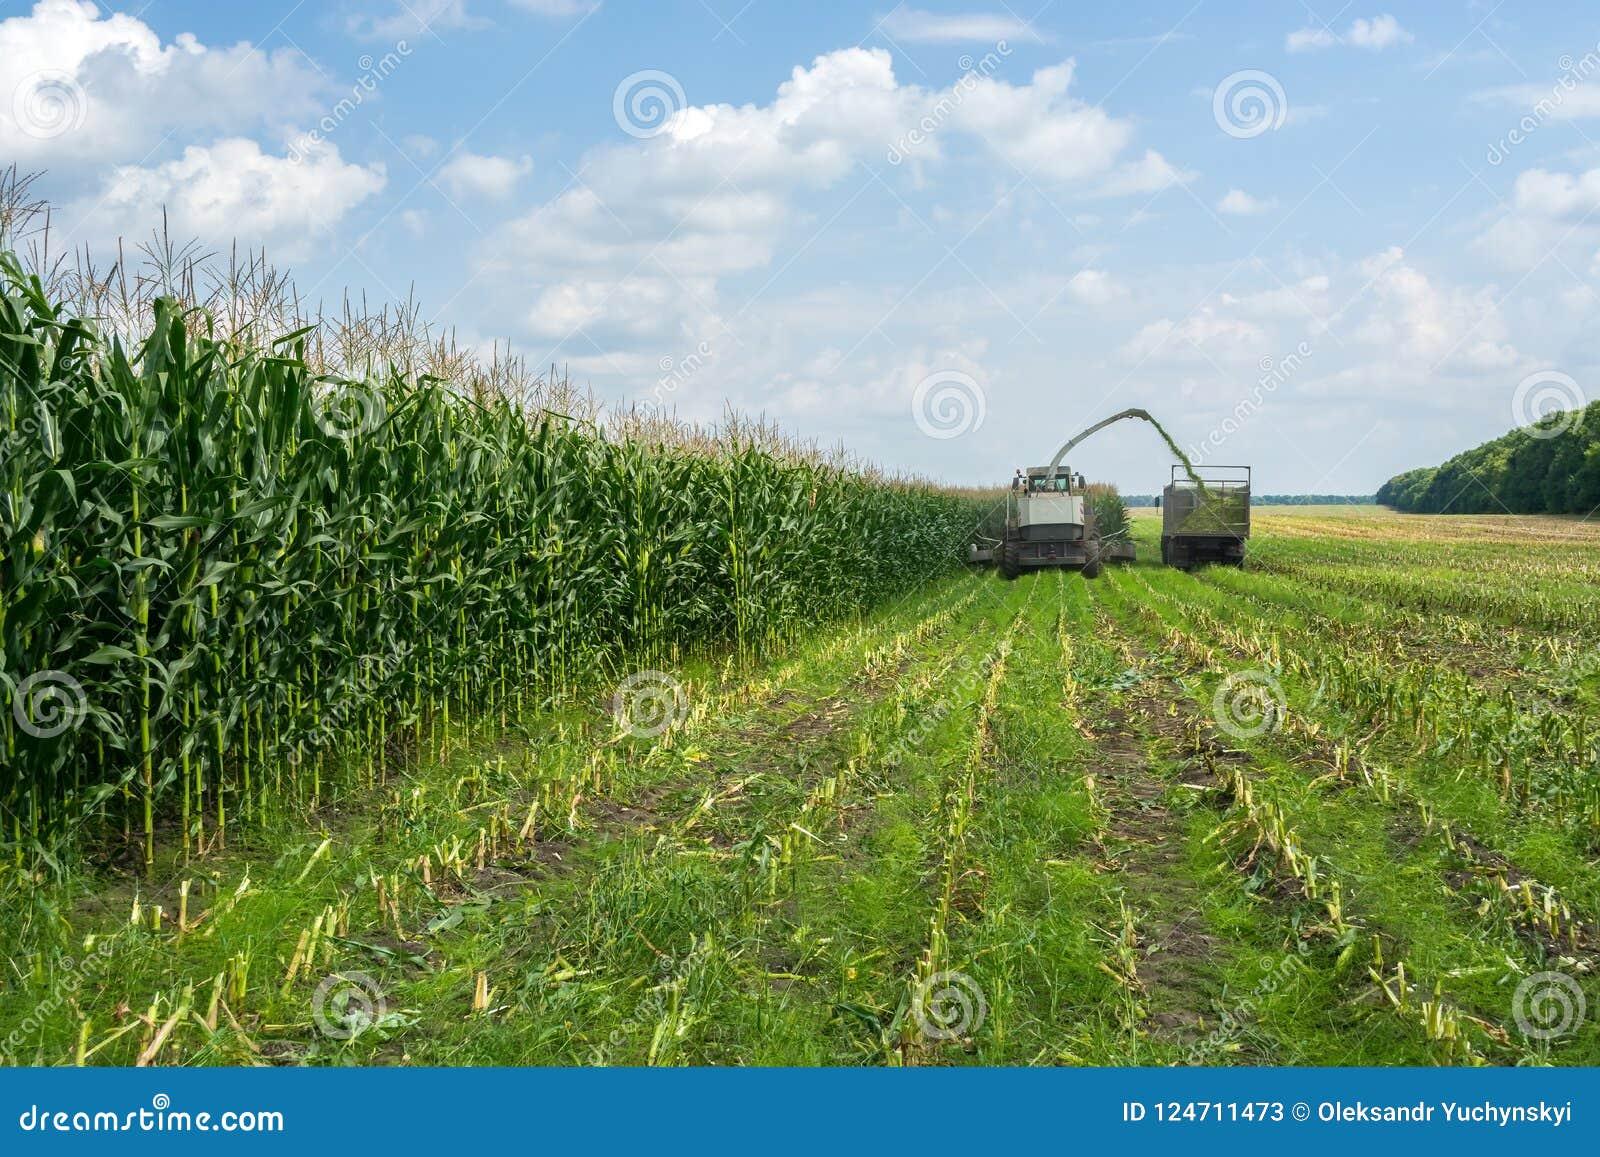 Ernte der saftigen Maissilage durch einen Mähdrescher und einen Transport durch LKWs, für das Legen auf Tierfutter